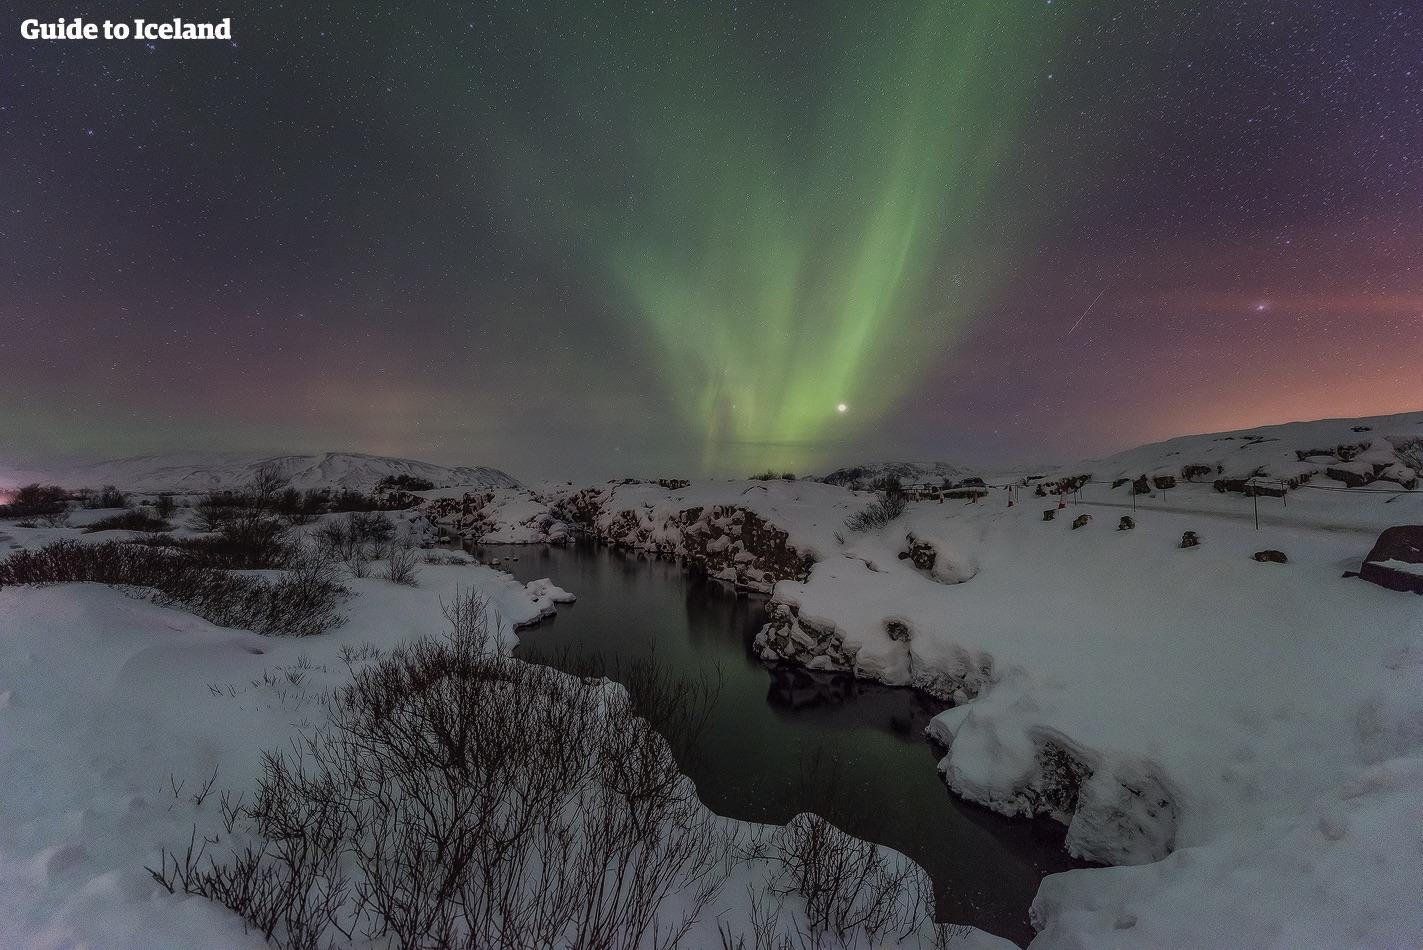 Кольцевая дорога Исландии и полуостров Снайфелльснес | 10-дневный зимний пакетный тур - day 2